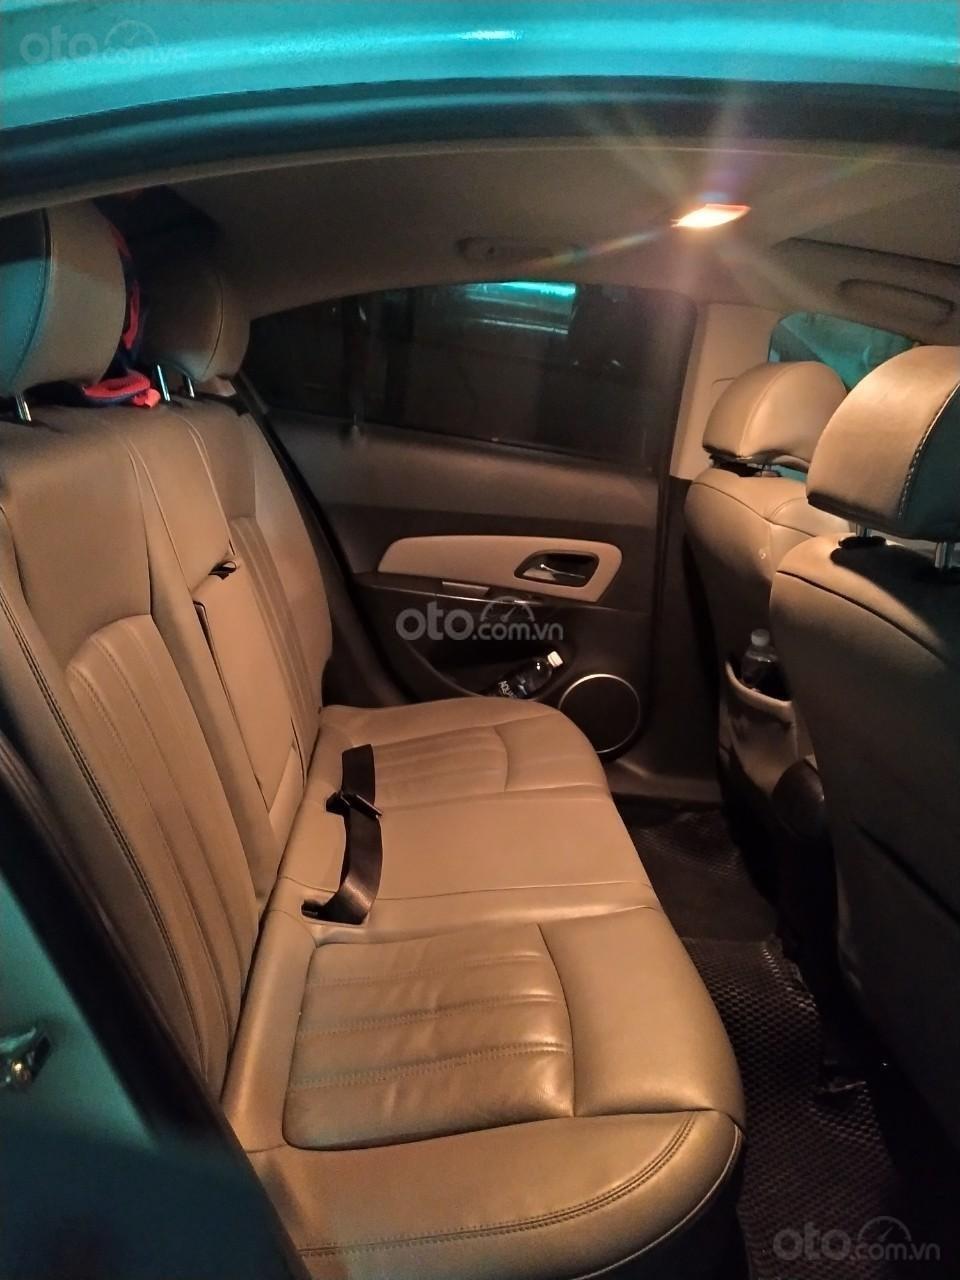 Bán xe Chevrolet Cruze 1.8, trắng, chính chủ, có lộc (5)